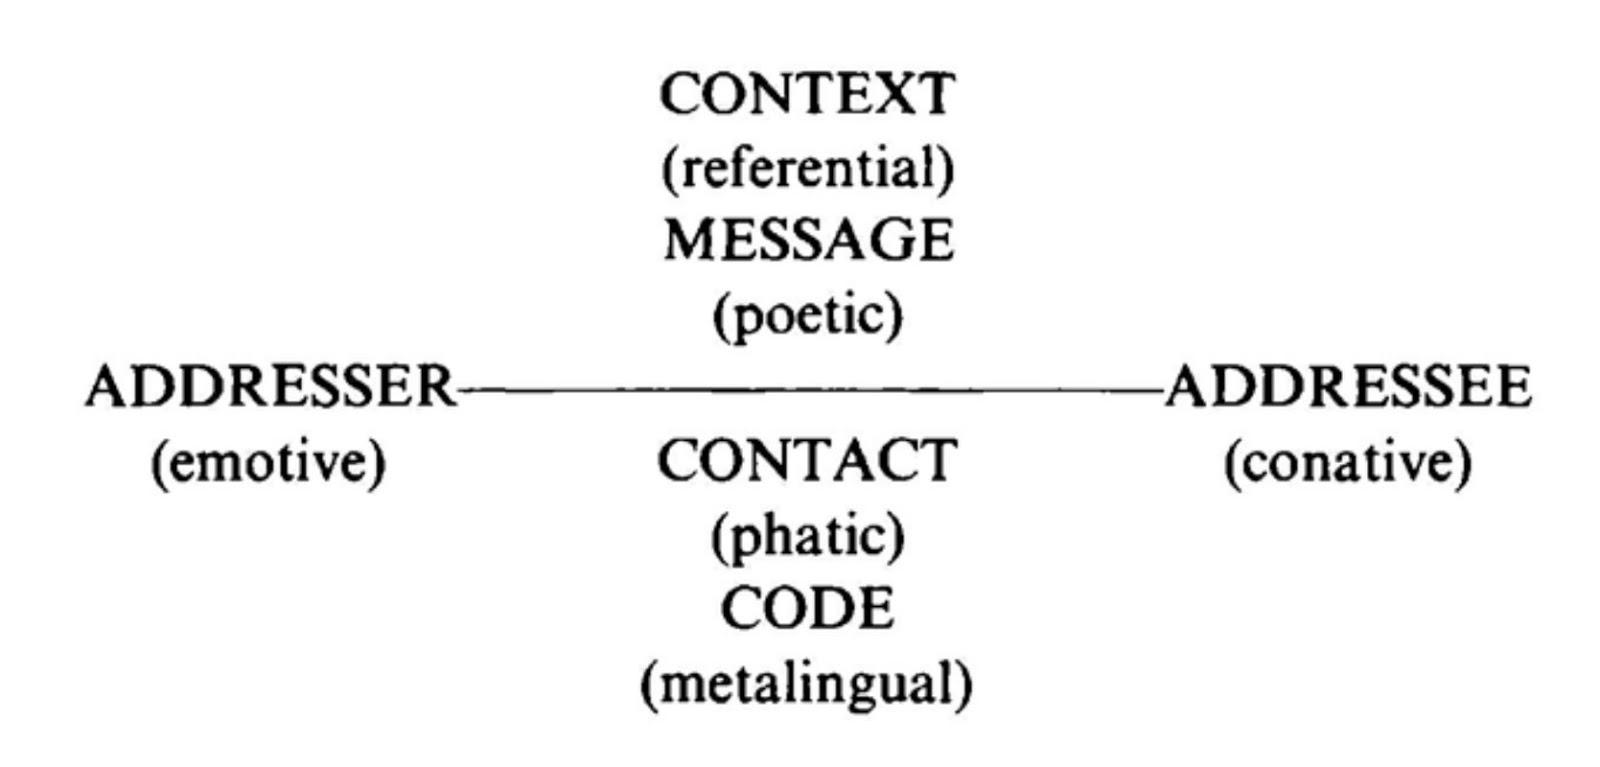 jja_pilt_jakobsons_communication_model.jpg